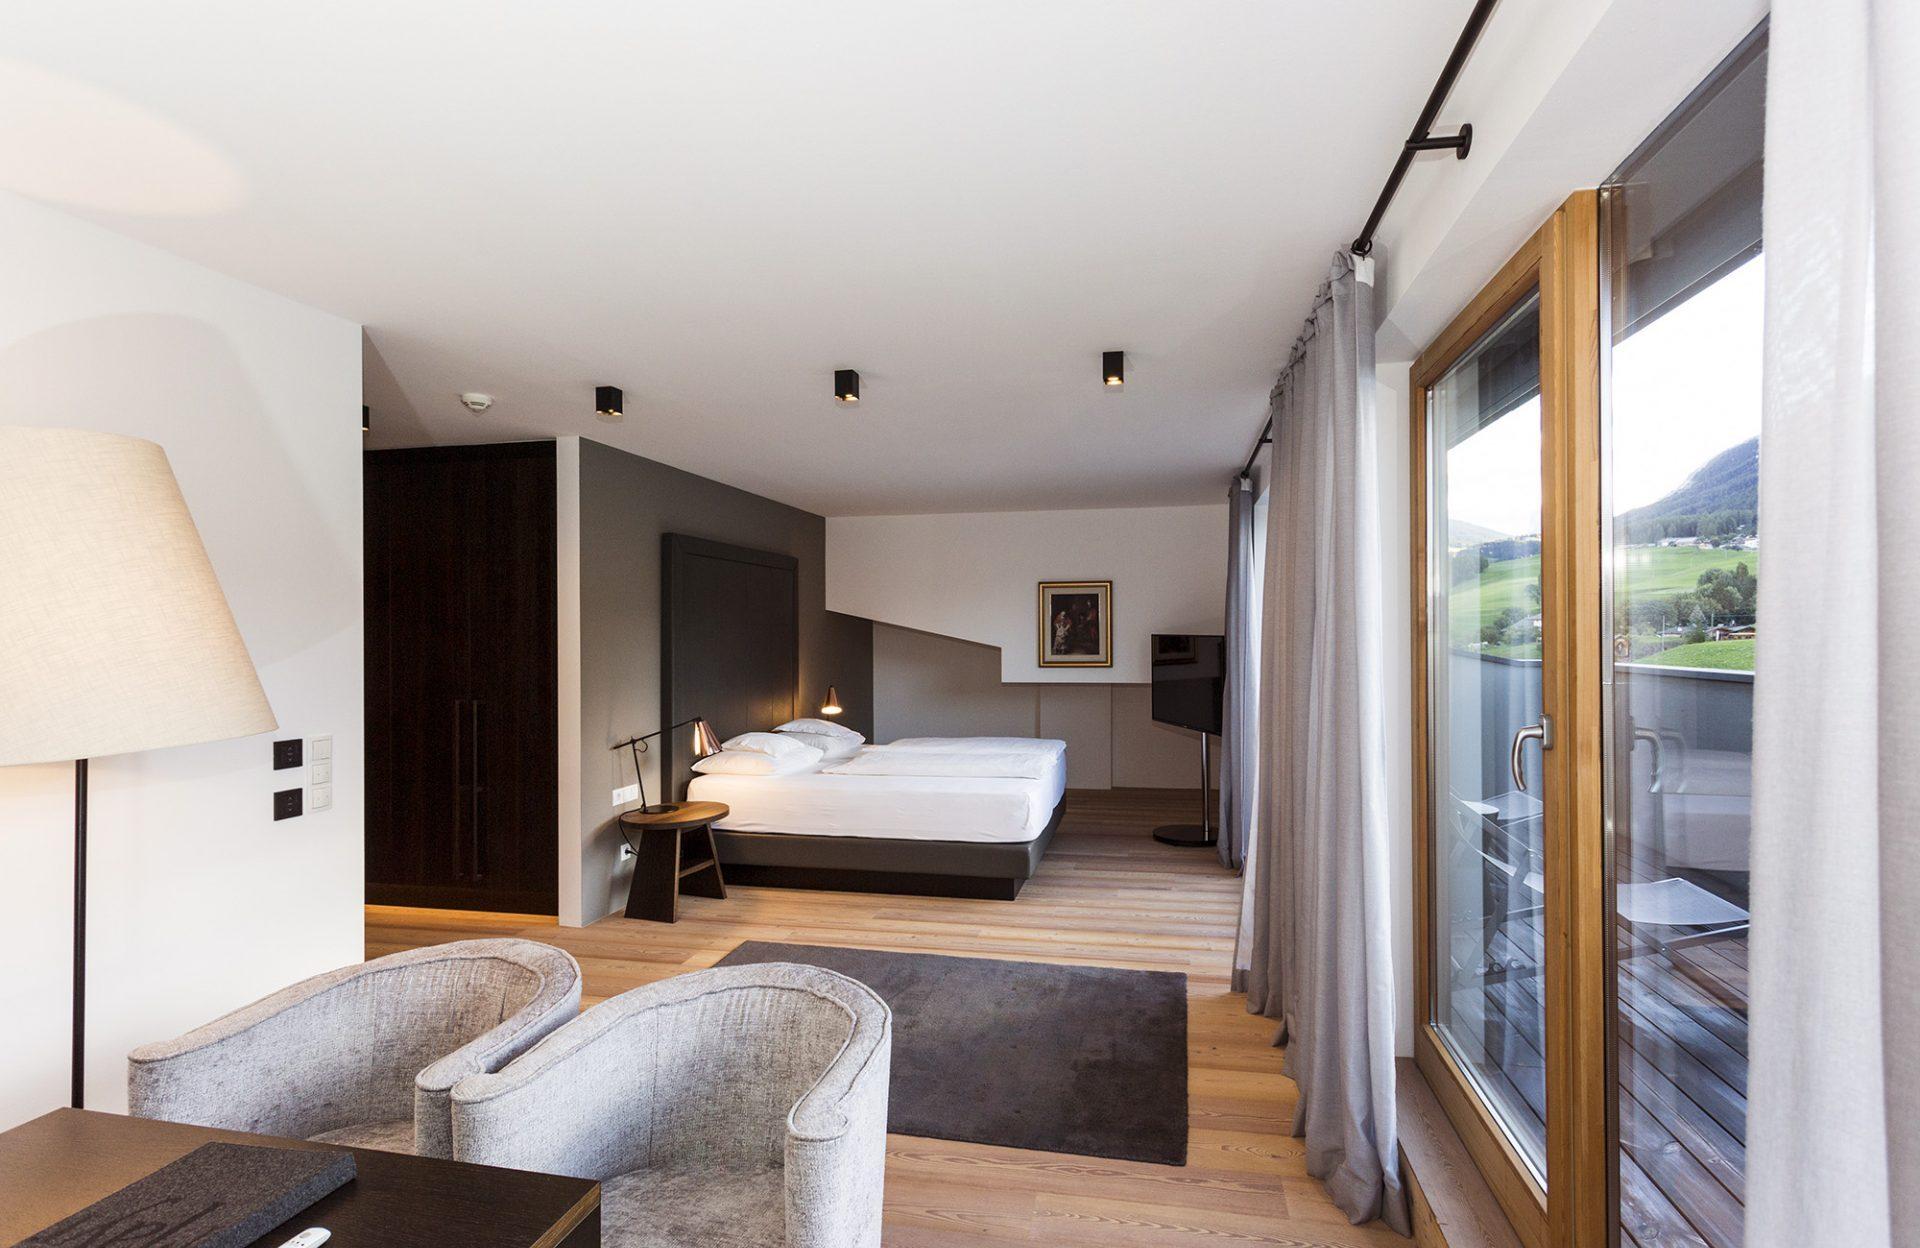 Mayr Superiorzimmer Wohnbereich